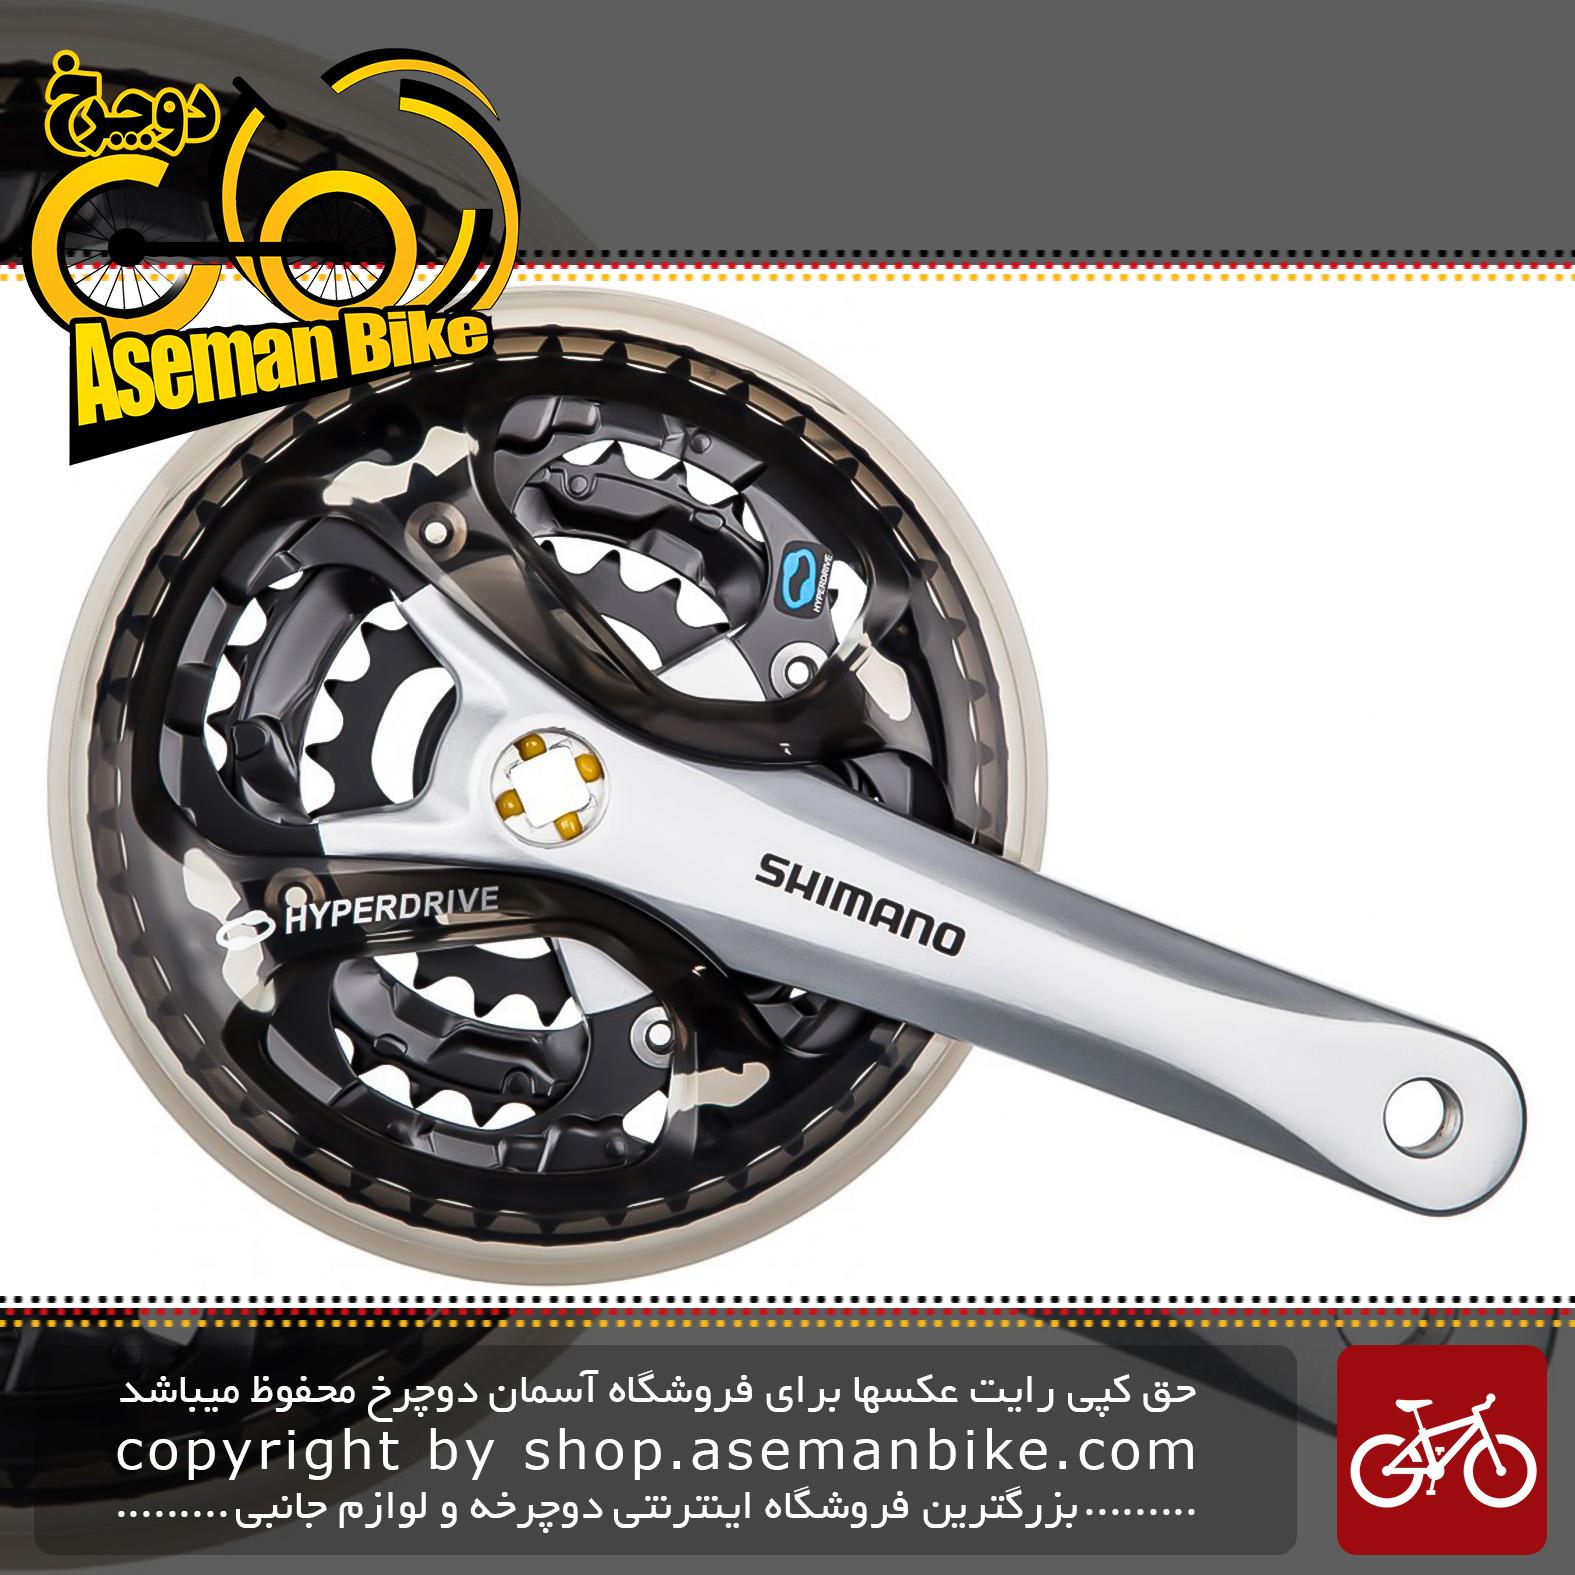 طبق قامه دوچرخه شیمانو مدل آسرا اف سی – ام 361 42 و 32 و 22 دندانه Shimano Crankset Bicycle Acera FC-M361 42X32X22T 170M